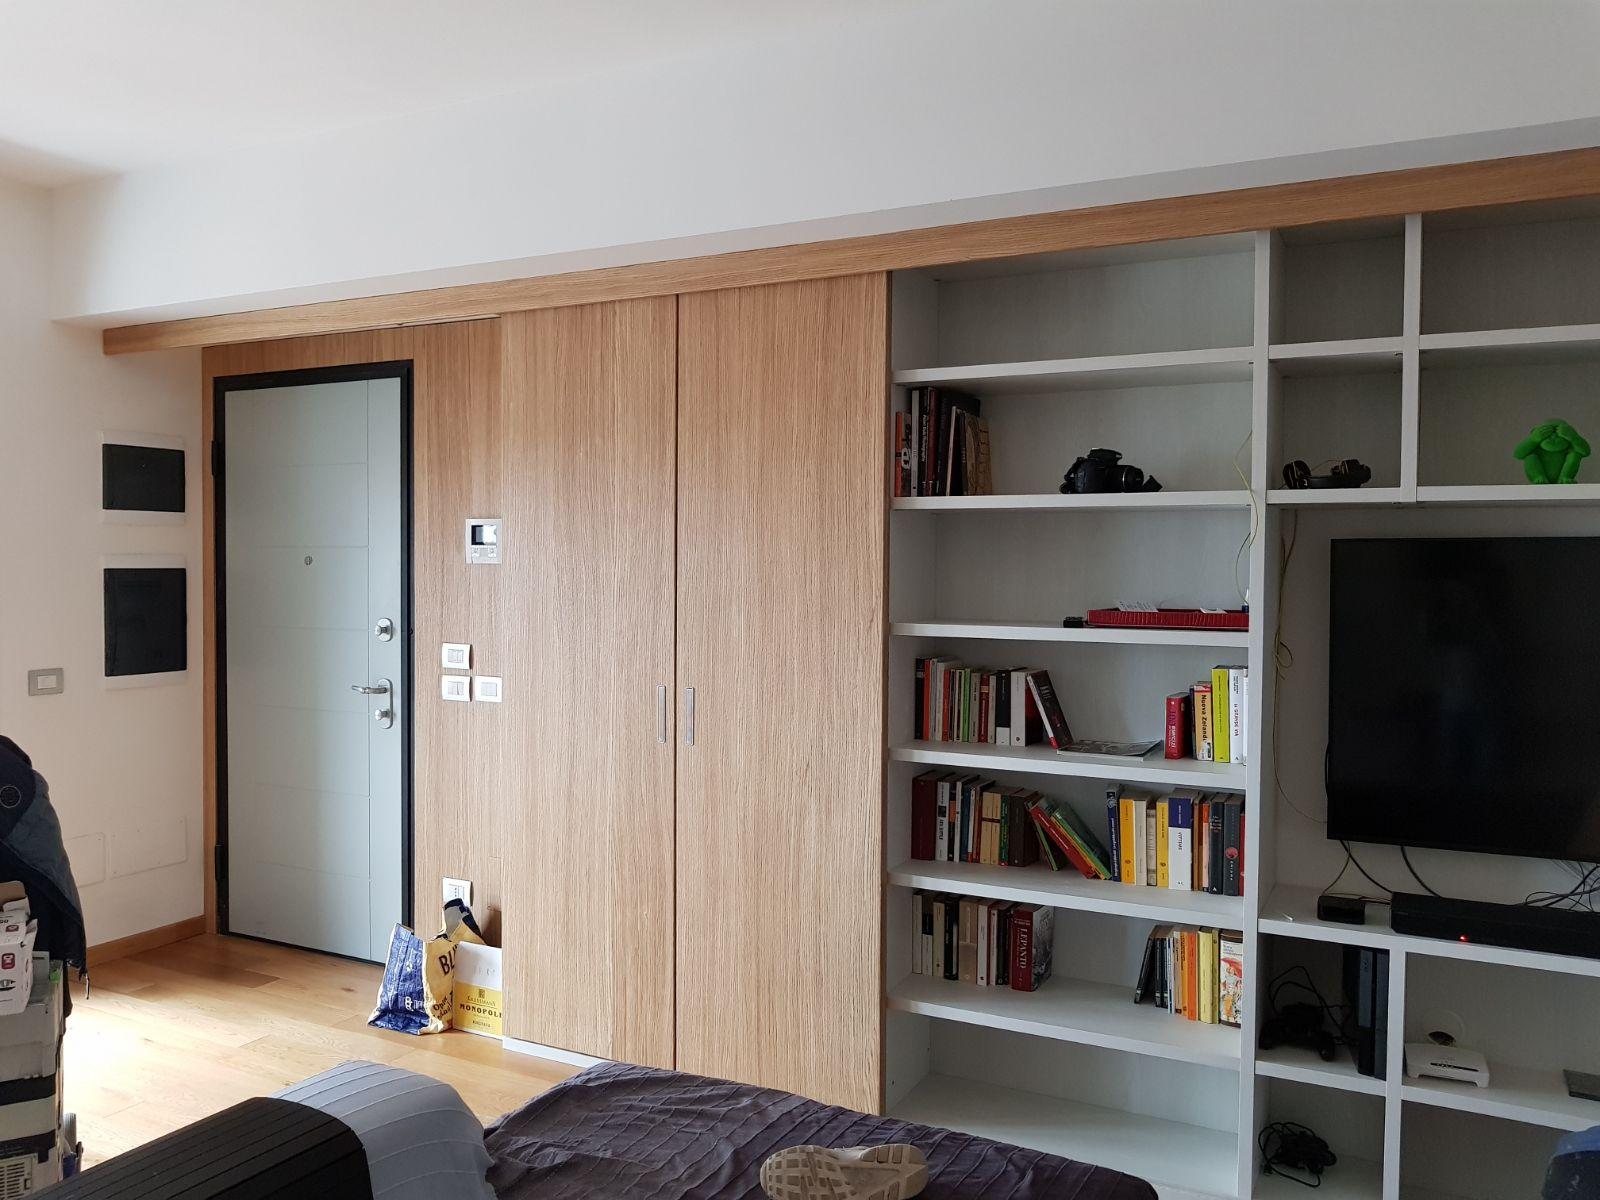 Cucine Moderne Con Ante Scorrevoli.Libreria In Legno Ad Ante Scorrevoli Artenova Cucine In Legno